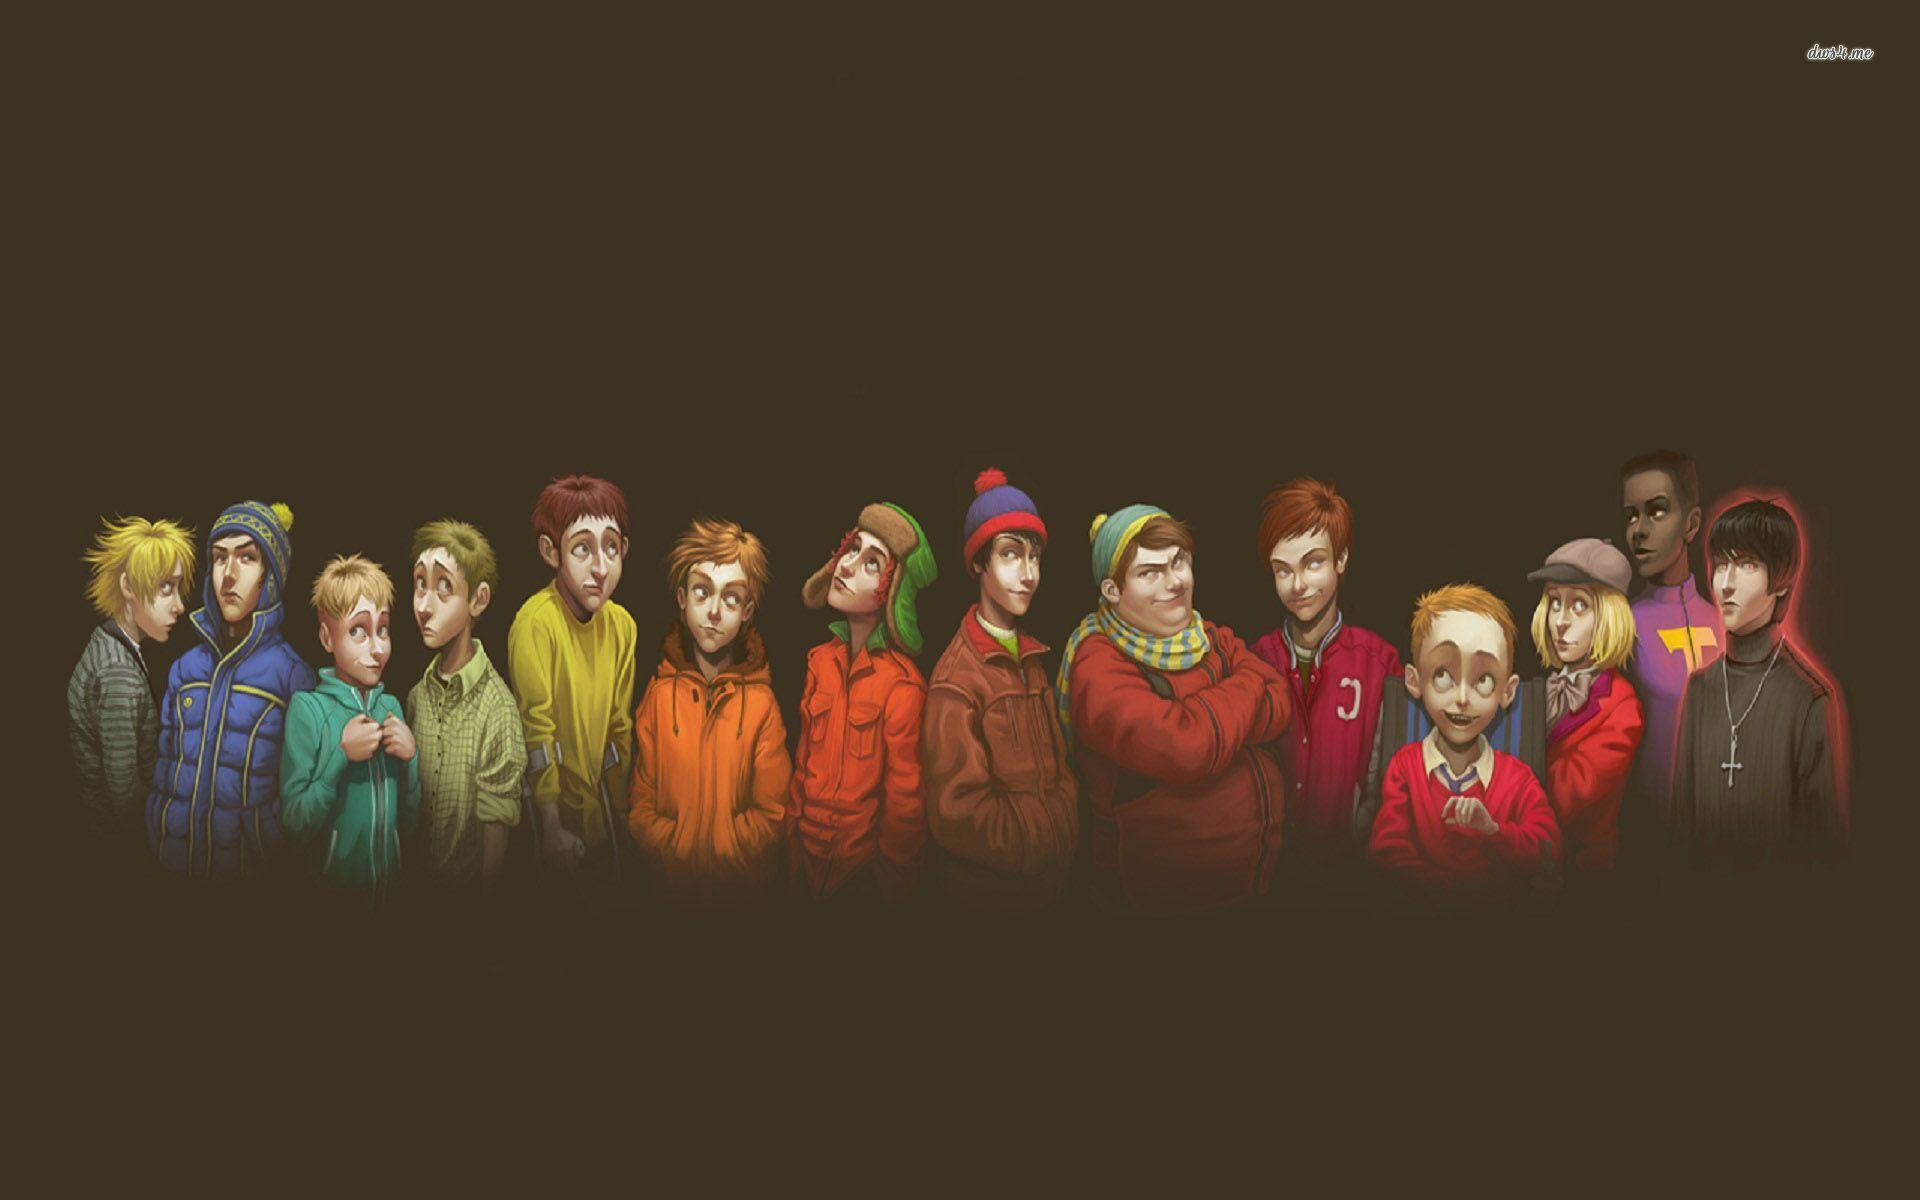 South Park wallpaper   Cartoon wallpapers   7121 1920x1200